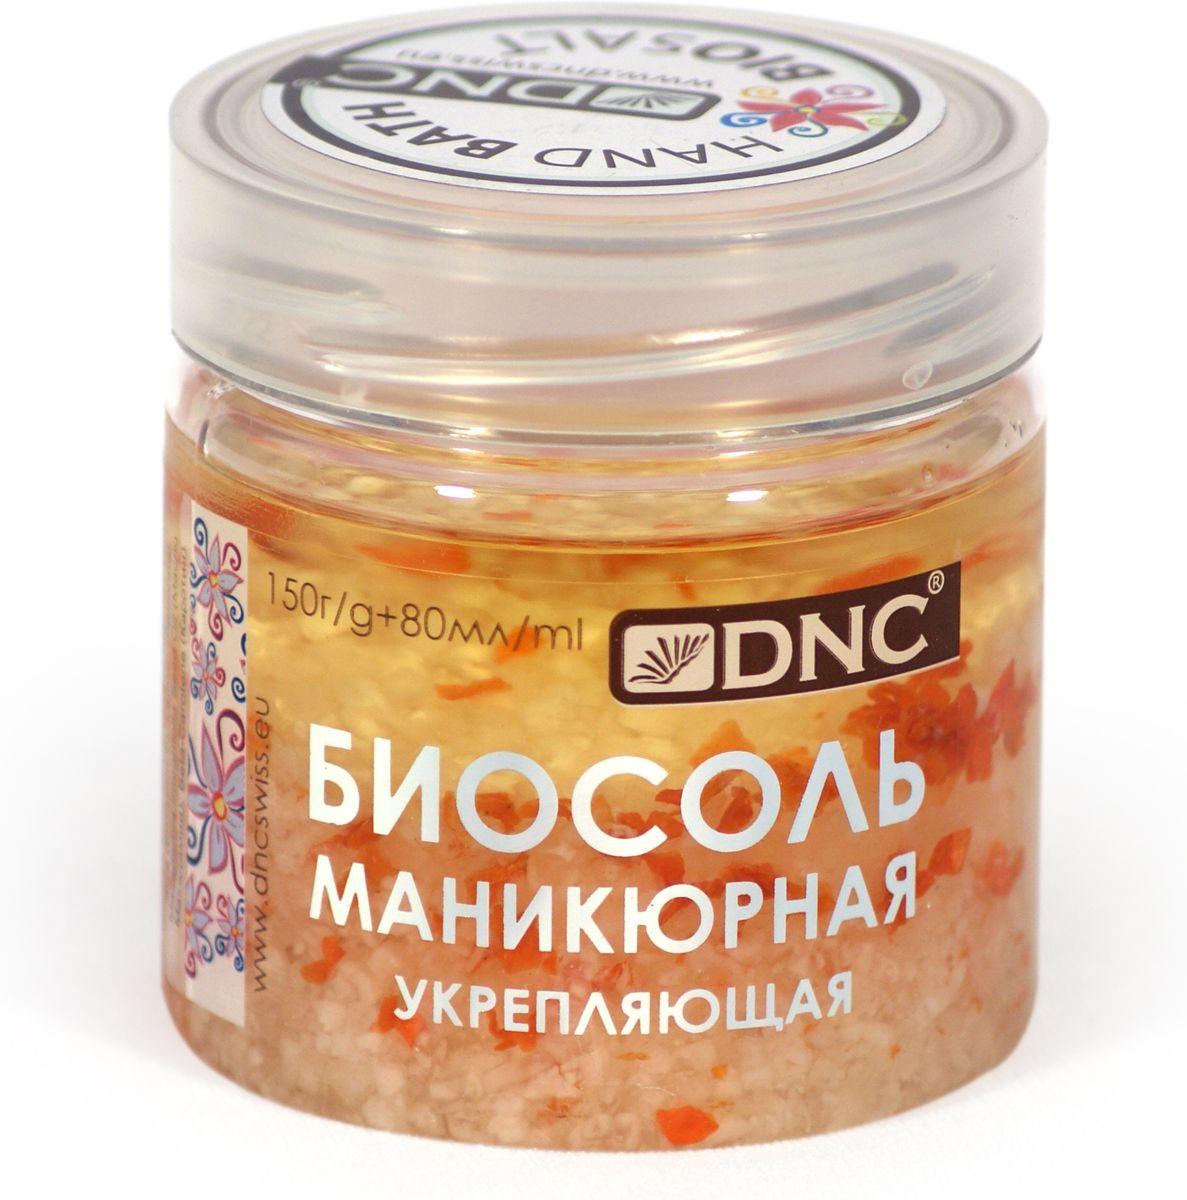 Биосоль маникюрная DNC, укрепляющая, 150 г + 80 мл28032022Уникальное сочетание масляного комплекса и морской соли с растительными компонентами. Содержит кокосовое масло и витамин F, насыщающие ногти необходимыми питательными веществами. Также в состав комплекса входят норковое масло и ланолин, которые укрепляют ногти и восстанавливают их структуру. Содержимого хватит примерно на 30 ванночек для рук.